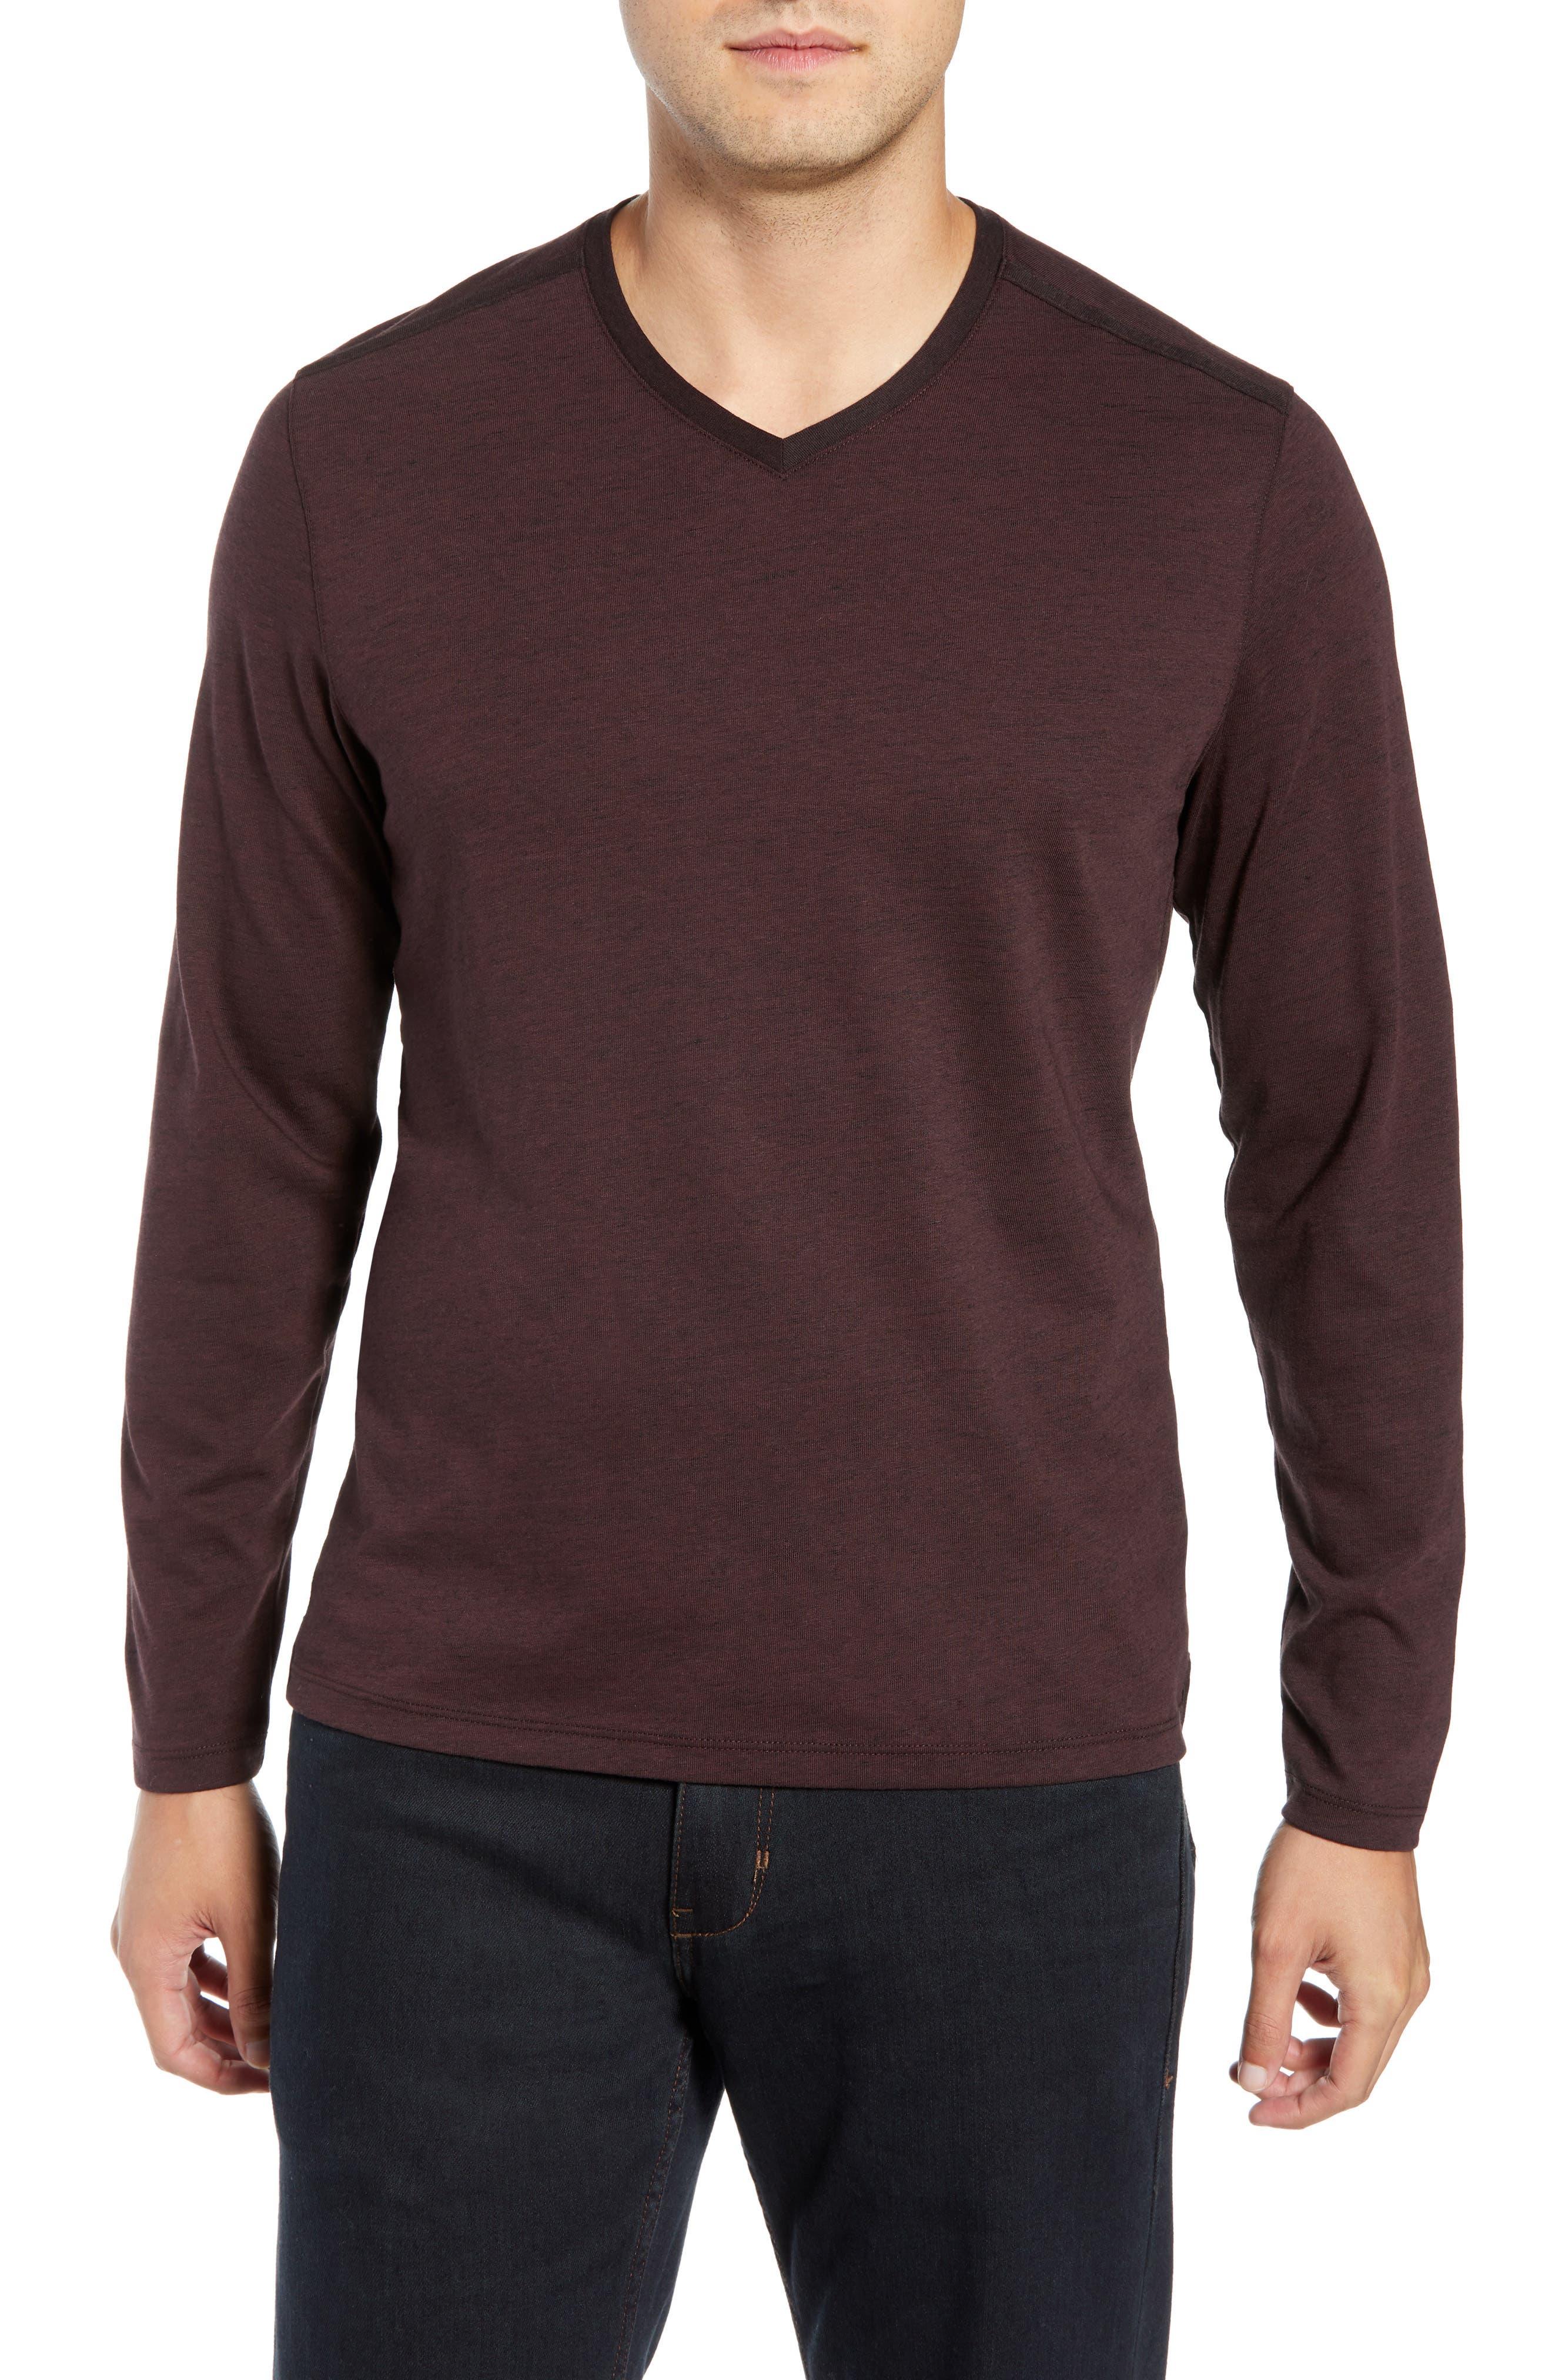 Flatrock Regular Fit V-Neck T-Shirt, Main, color, PORT